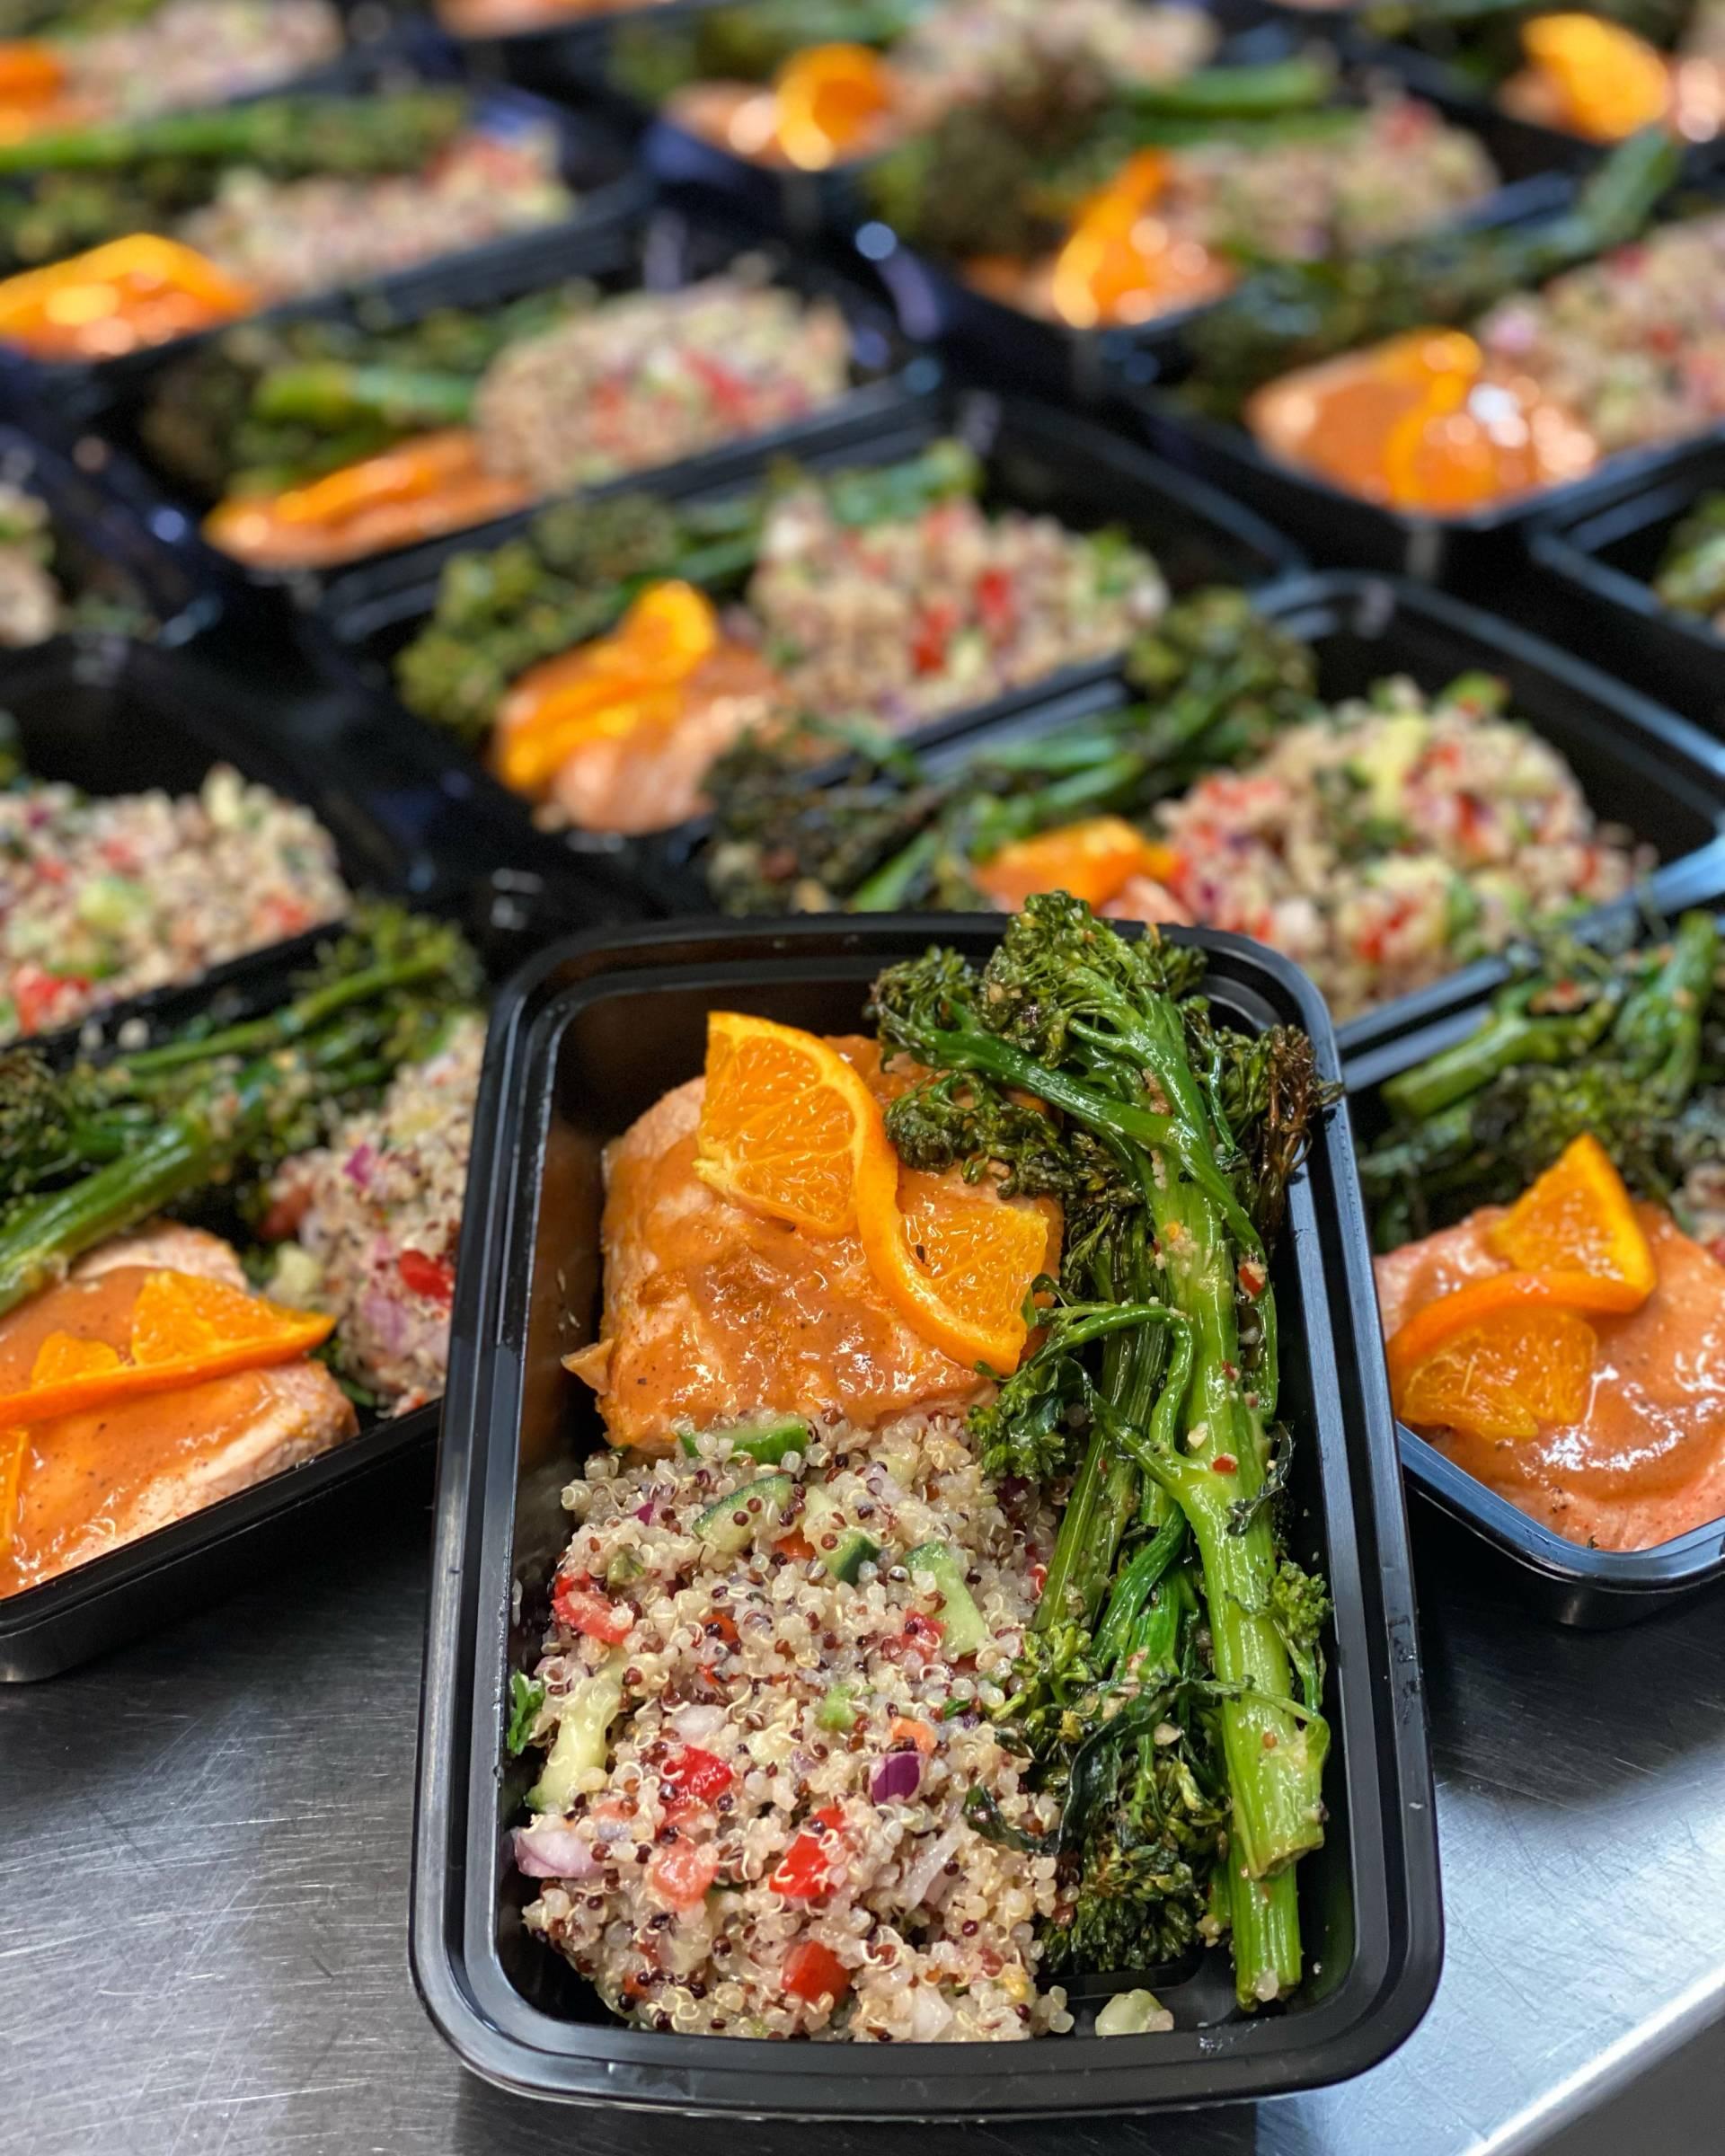 Maple Salmon with Broccolini and Quinoa Salad